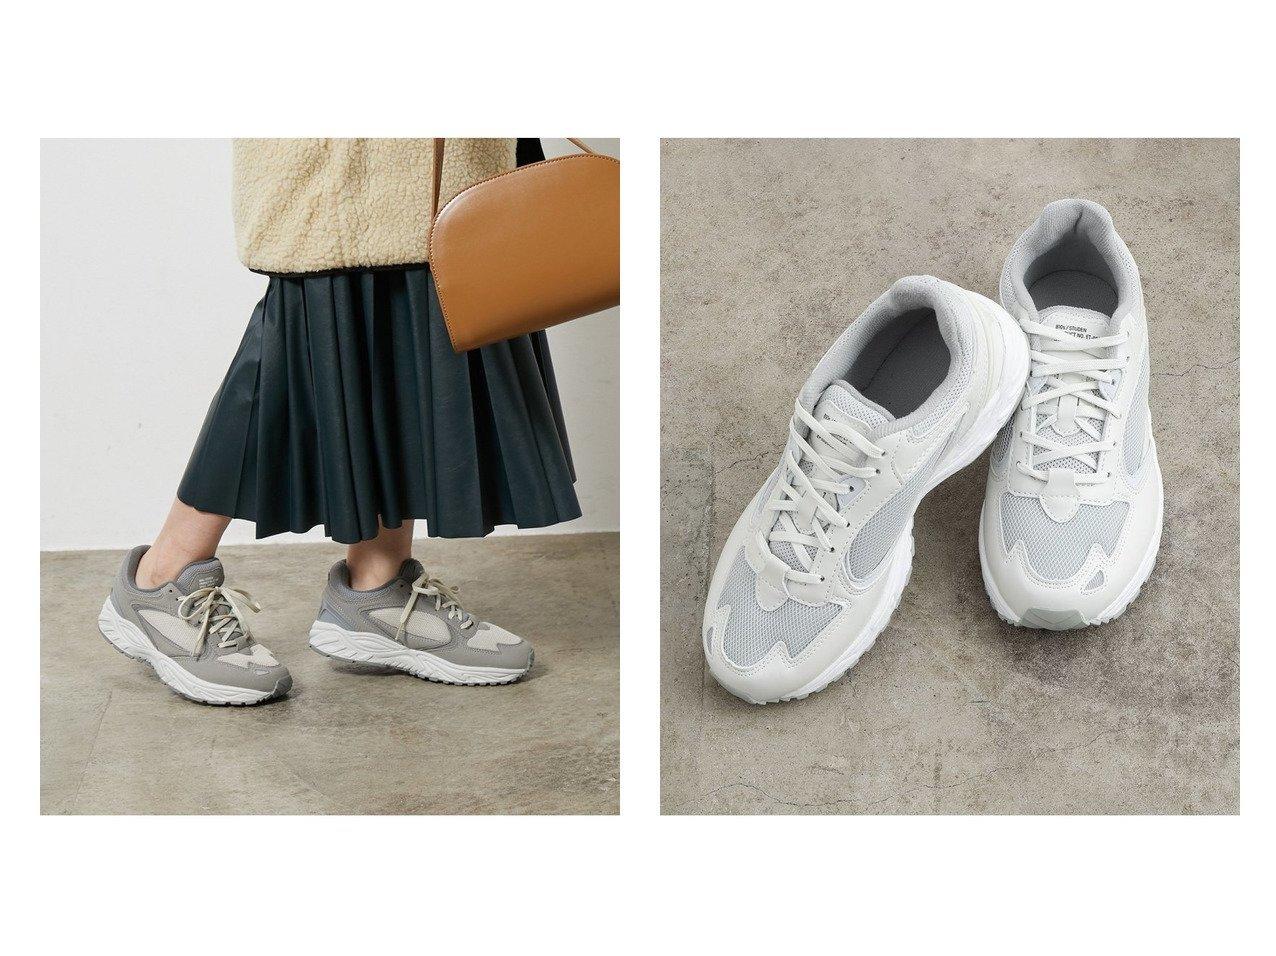 【Adam et Rope Le Magasin/アダム エ ロペ ル マガザン】の【810s】studen ground shoes シューズ・靴のおすすめ!人気、トレンド・レディースファッションの通販 おすすめで人気の流行・トレンド、ファッションの通販商品 メンズファッション・キッズファッション・インテリア・家具・レディースファッション・服の通販 founy(ファニー) https://founy.com/ ファッション Fashion レディースファッション WOMEN シューズ スニーカー スリッポン |ID:crp329100000012957